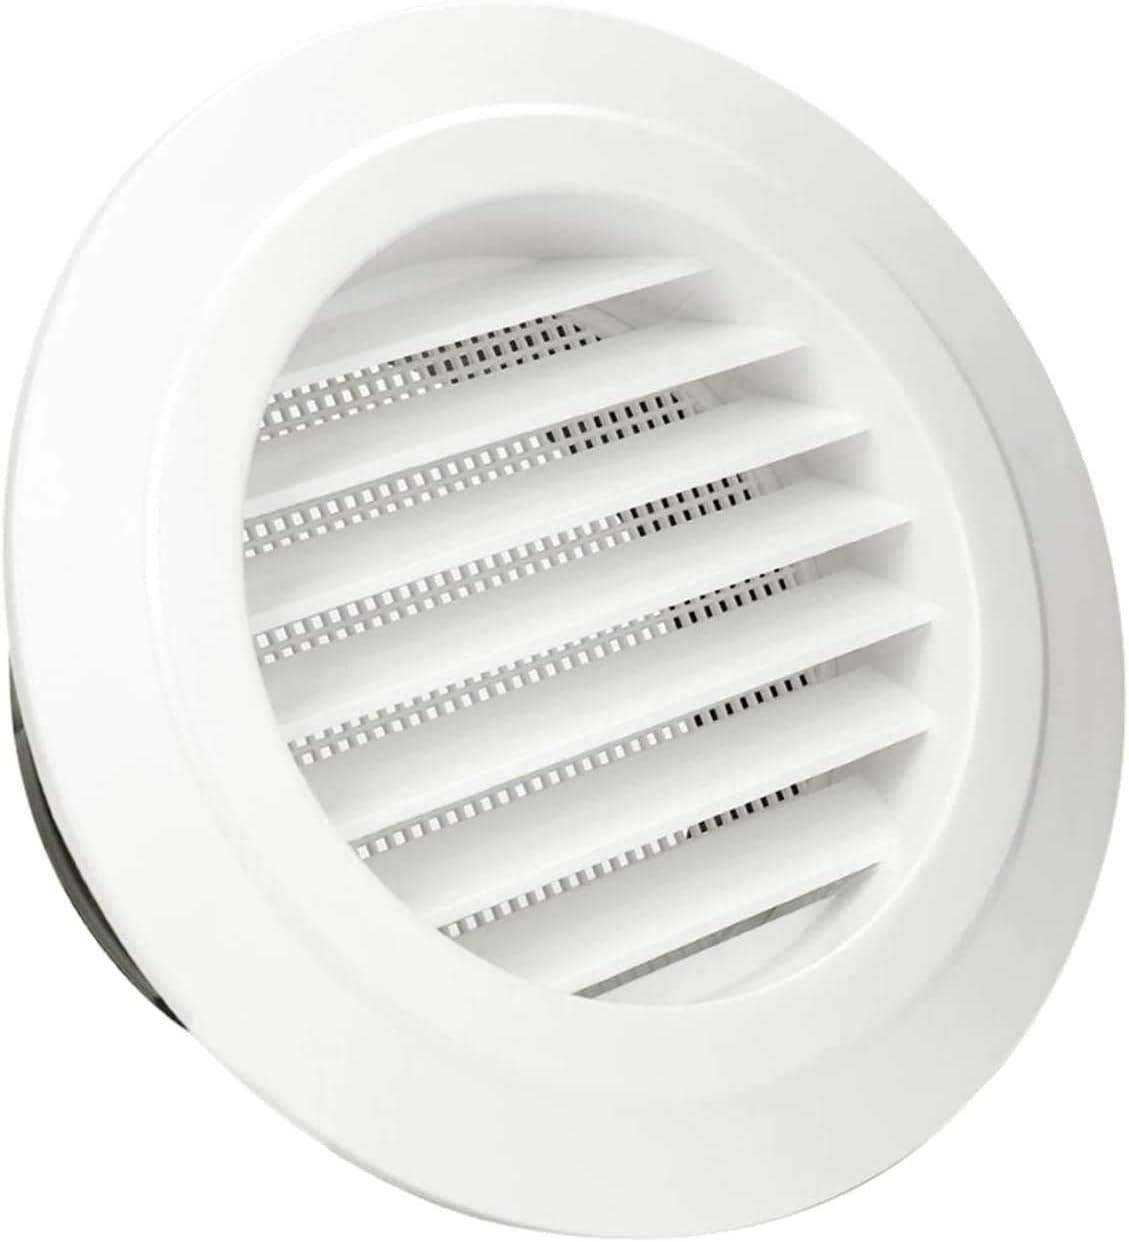 HG Power Rejilla de ventilación 125 mm, plástico ABS, rejilla de ventilación, rejilla de ventilación, Tapa Redonda de ventilación de Aire Rejilla de ventilación anti-insectos